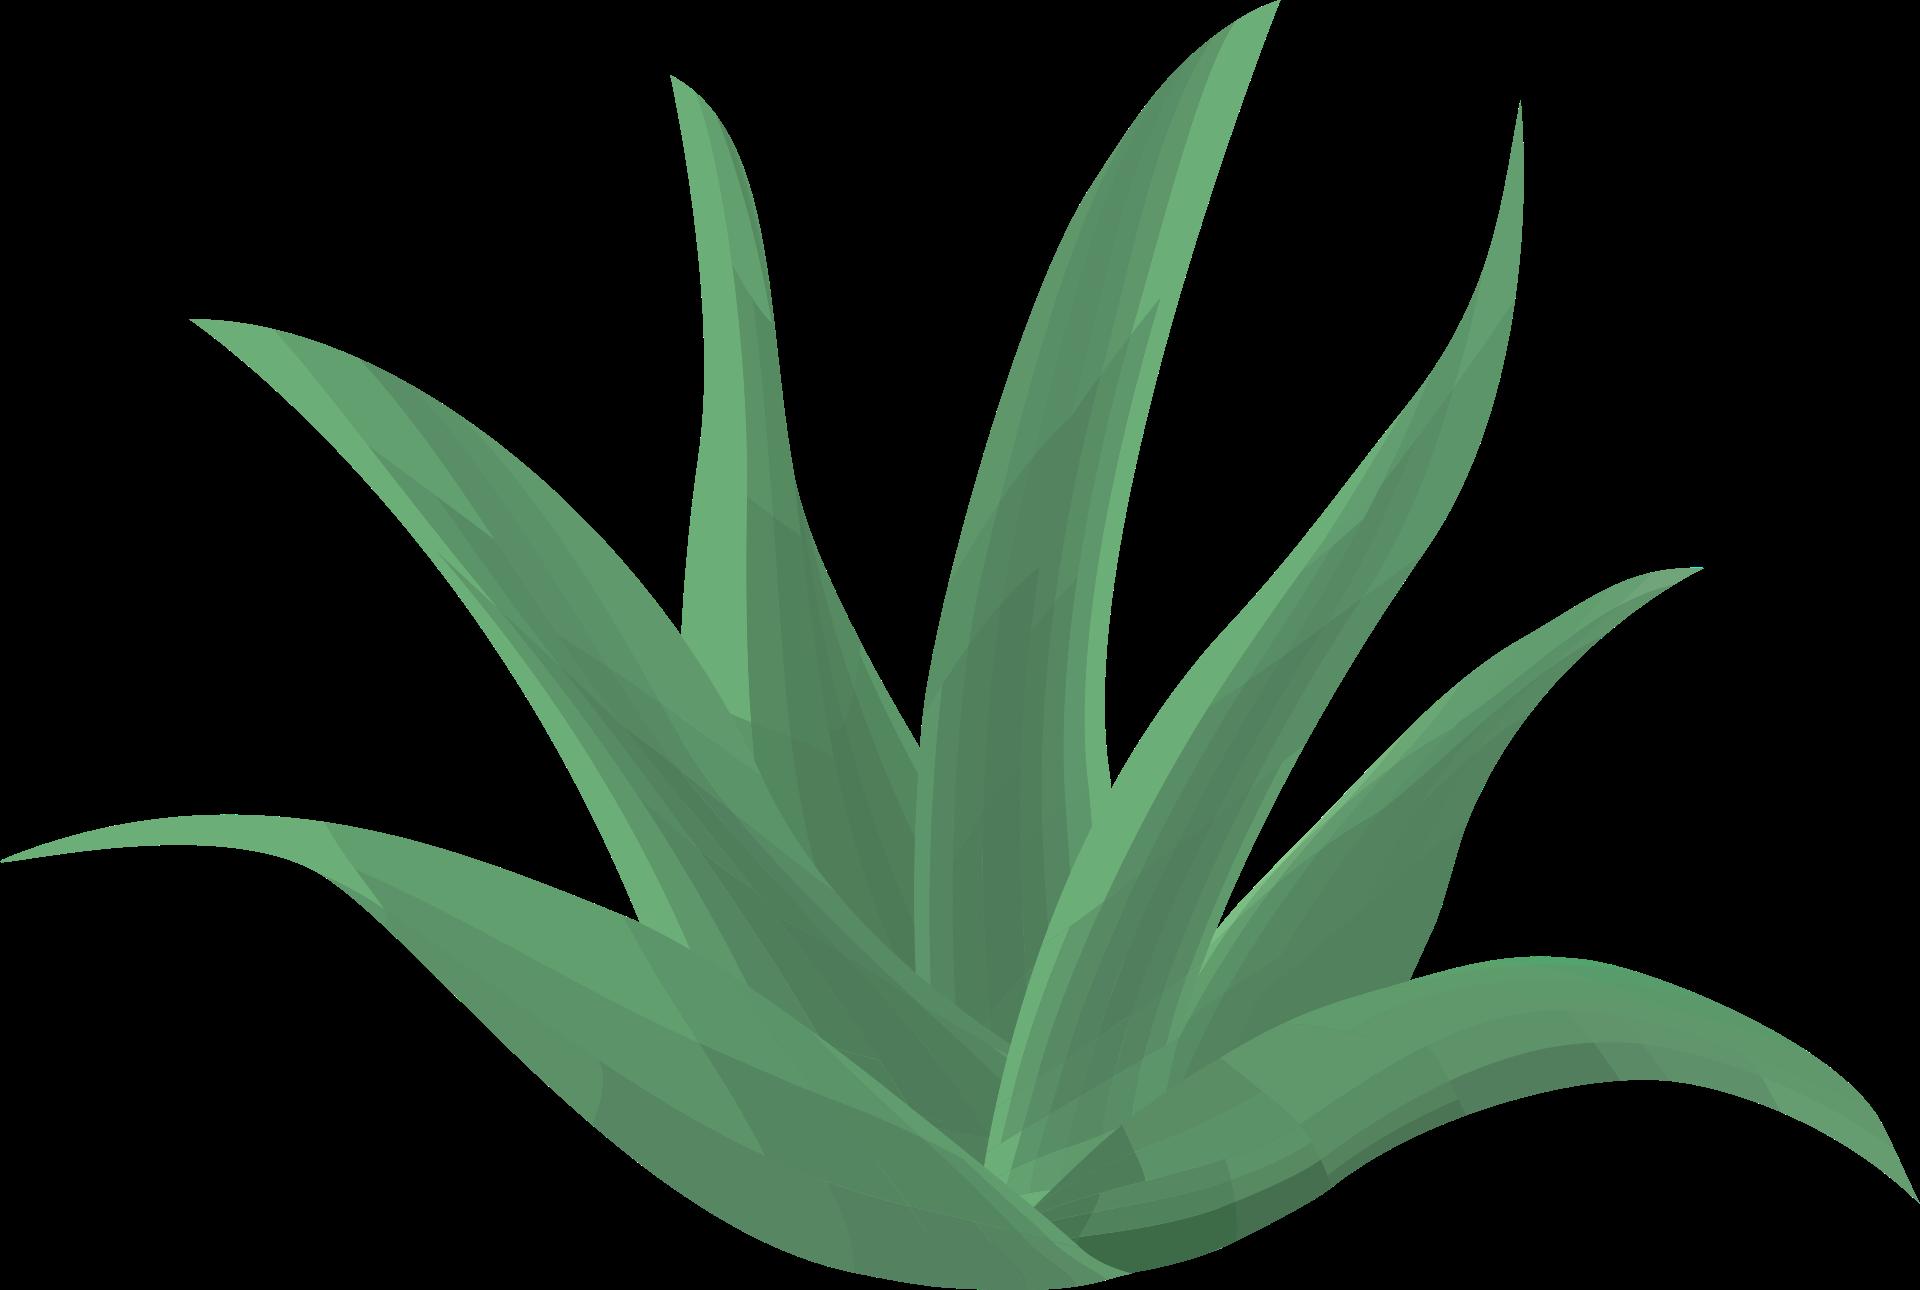 Shop-Kategorie Aloe Vera Produkte. Die Aloe Vera Barbadensis Miller Pflanze, wird schon seit vielen Jahren als Heilpflanze eingesetzt. Unter den über 250 Arten gibt es lediglich vier, die medizinisch wirksam sind. Unter ihnen gilt die Aloe Barbadensis Miller (Aloe Vera) als die Wirksamste. Sie ist ein Liliengewächs, wie Knoblauch und Zwiebel, und auch genauso wertvoll. Bis heute konnten etwa 450 verschiedene nährstoffreiche, natürliche Bestandteile nachgewiesen werden.